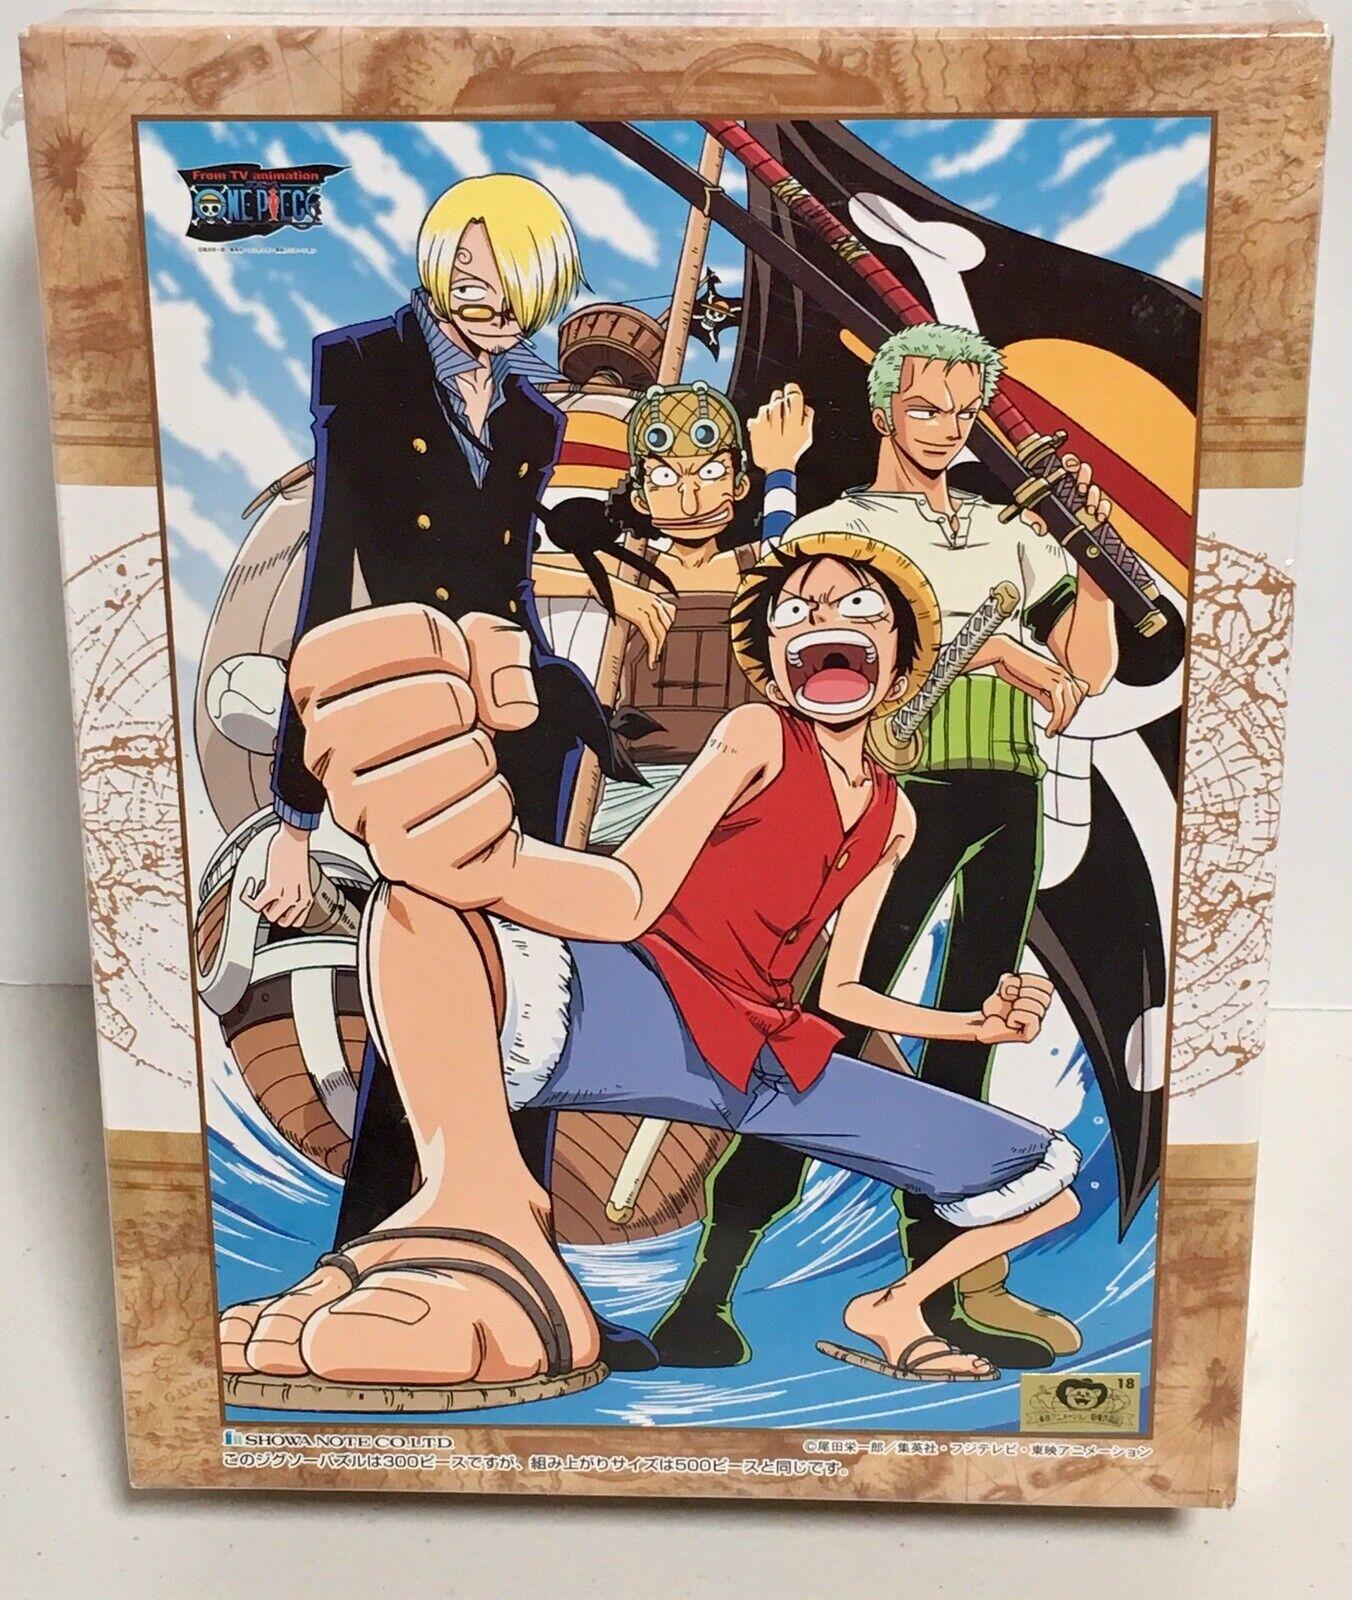 One Piece Art Puzzle No. 300-L103 300L Pieces Größe 38x53 cm Japan Exclusive